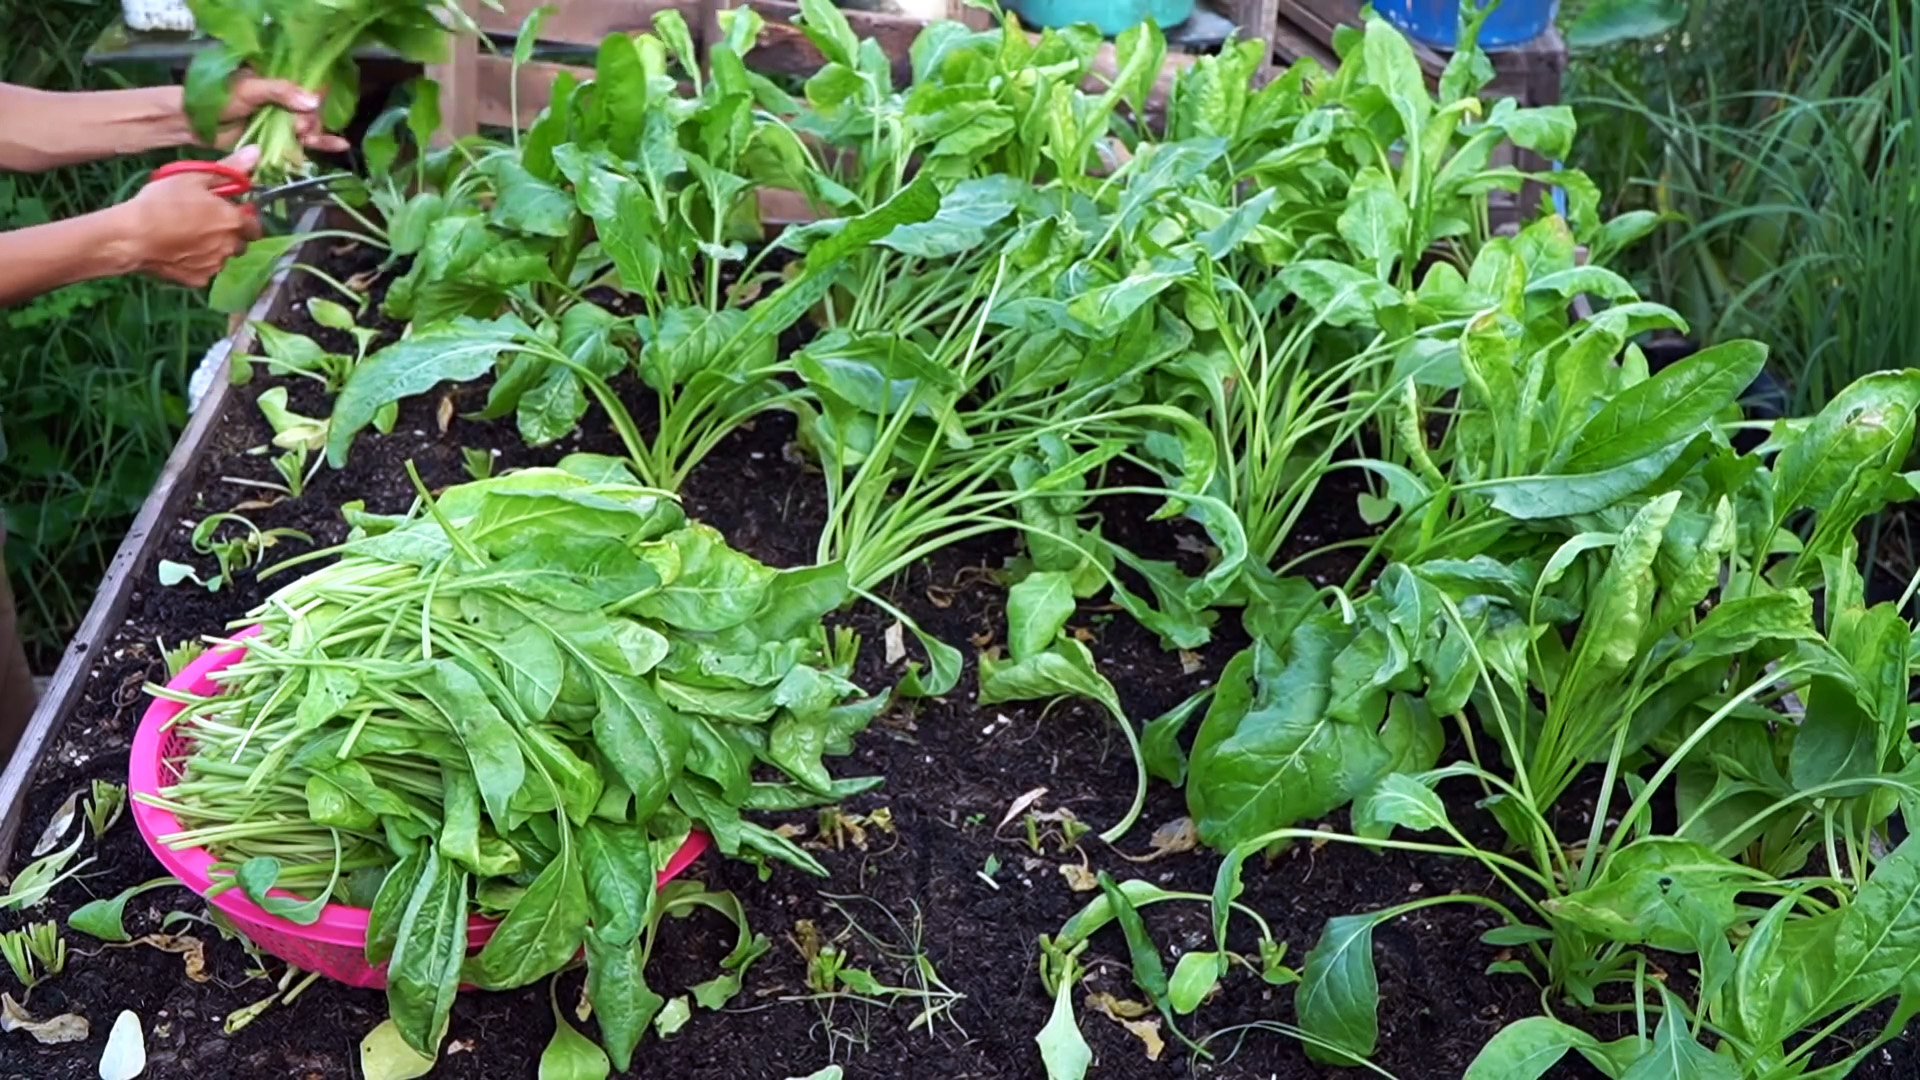 Как при помощи ПЭТ бутылок за полтора месяца вырастить запас шпината на весь год